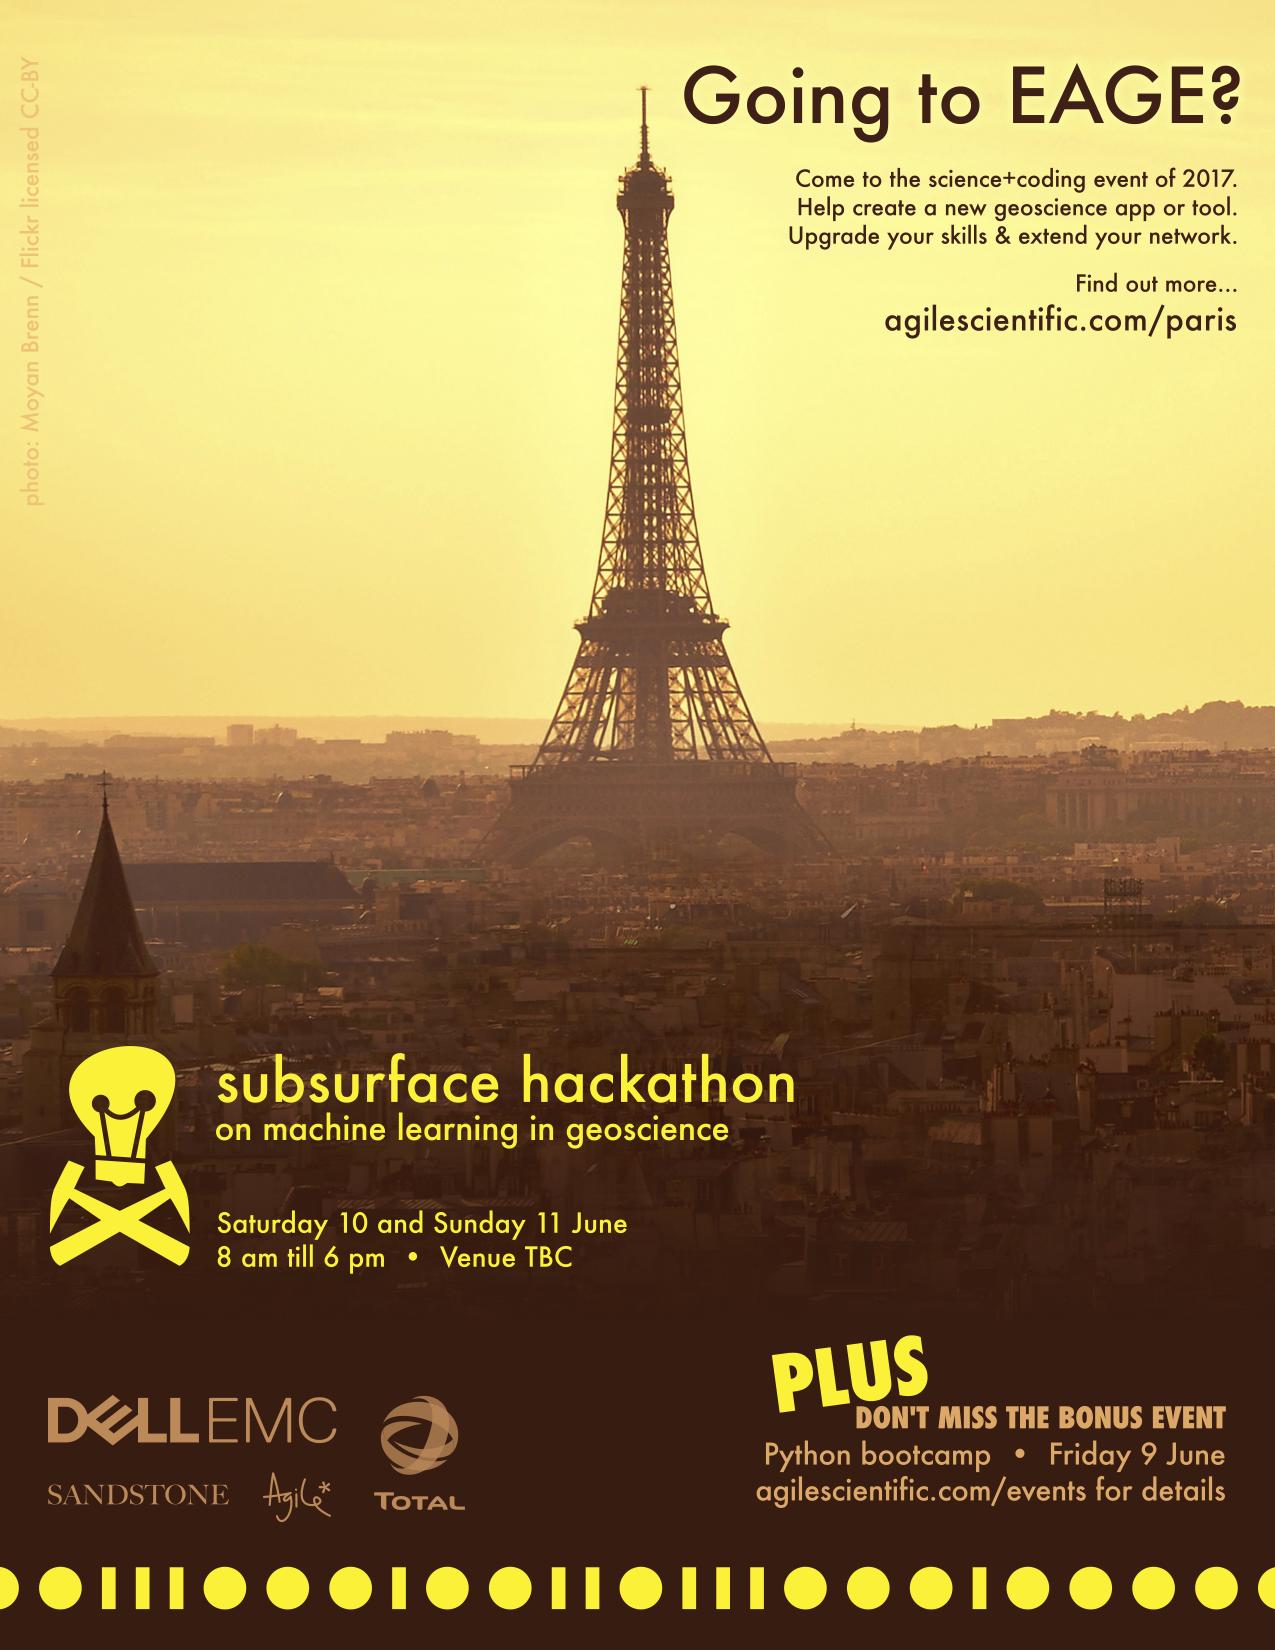 Paris_hackathon_poster